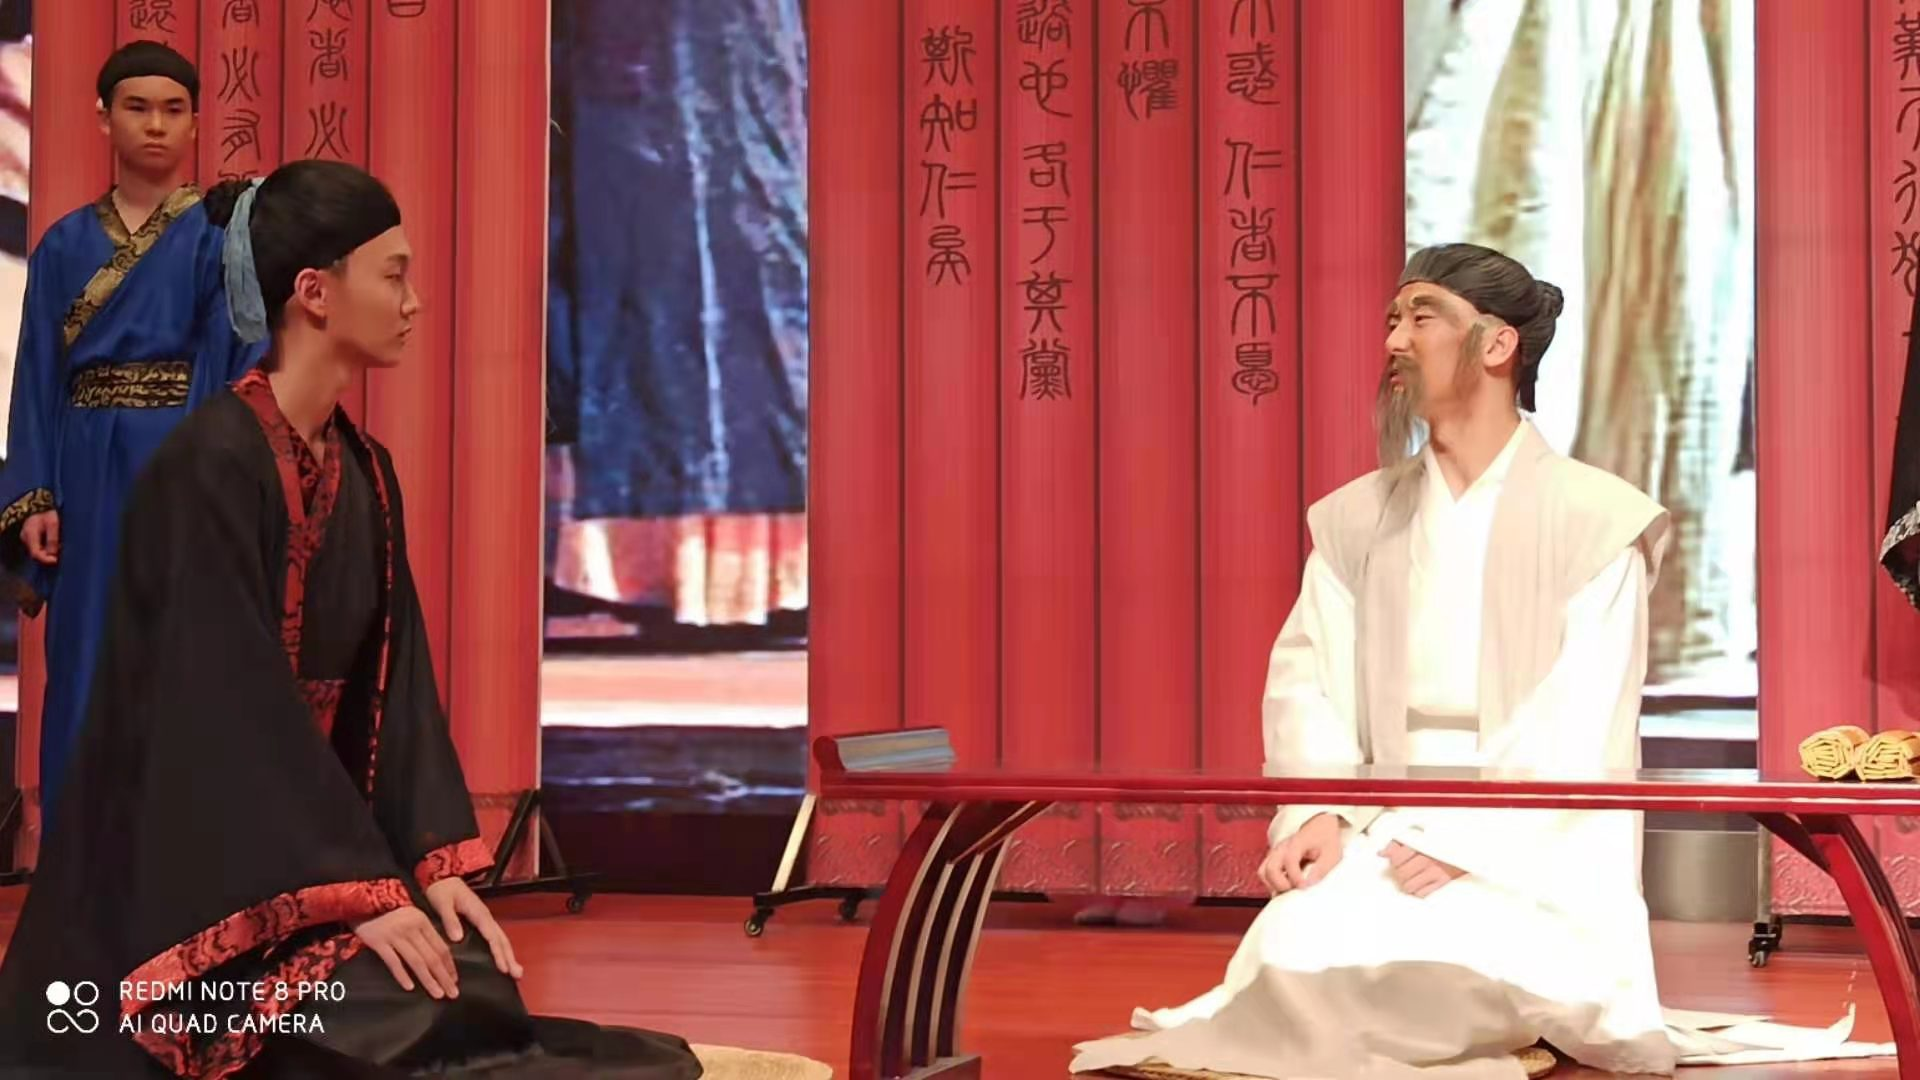 北京工业大学附属中学高中部第六届校园文化节活动剪影